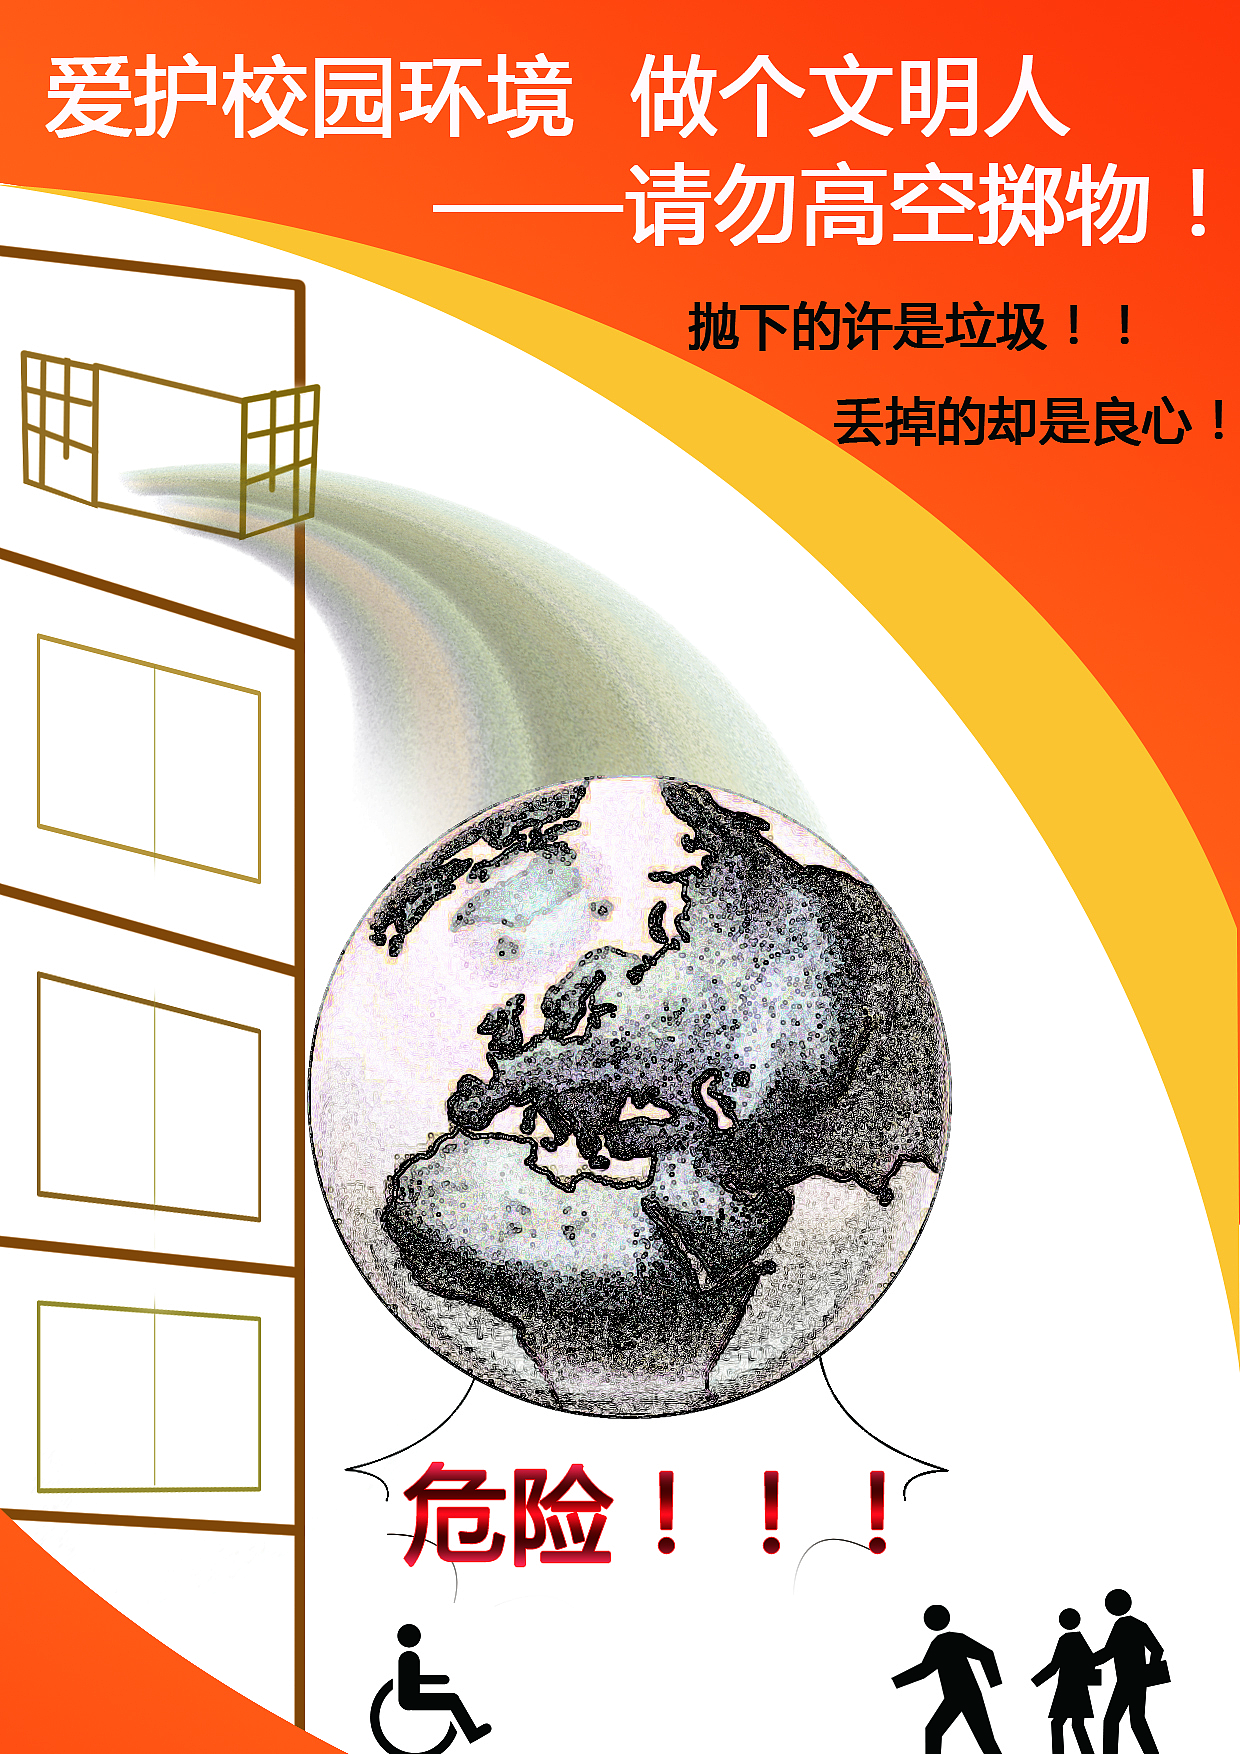 公益平面--请勿请勿、吸烟高空抛物|教材|海报|建昌高中海报辽宁图片